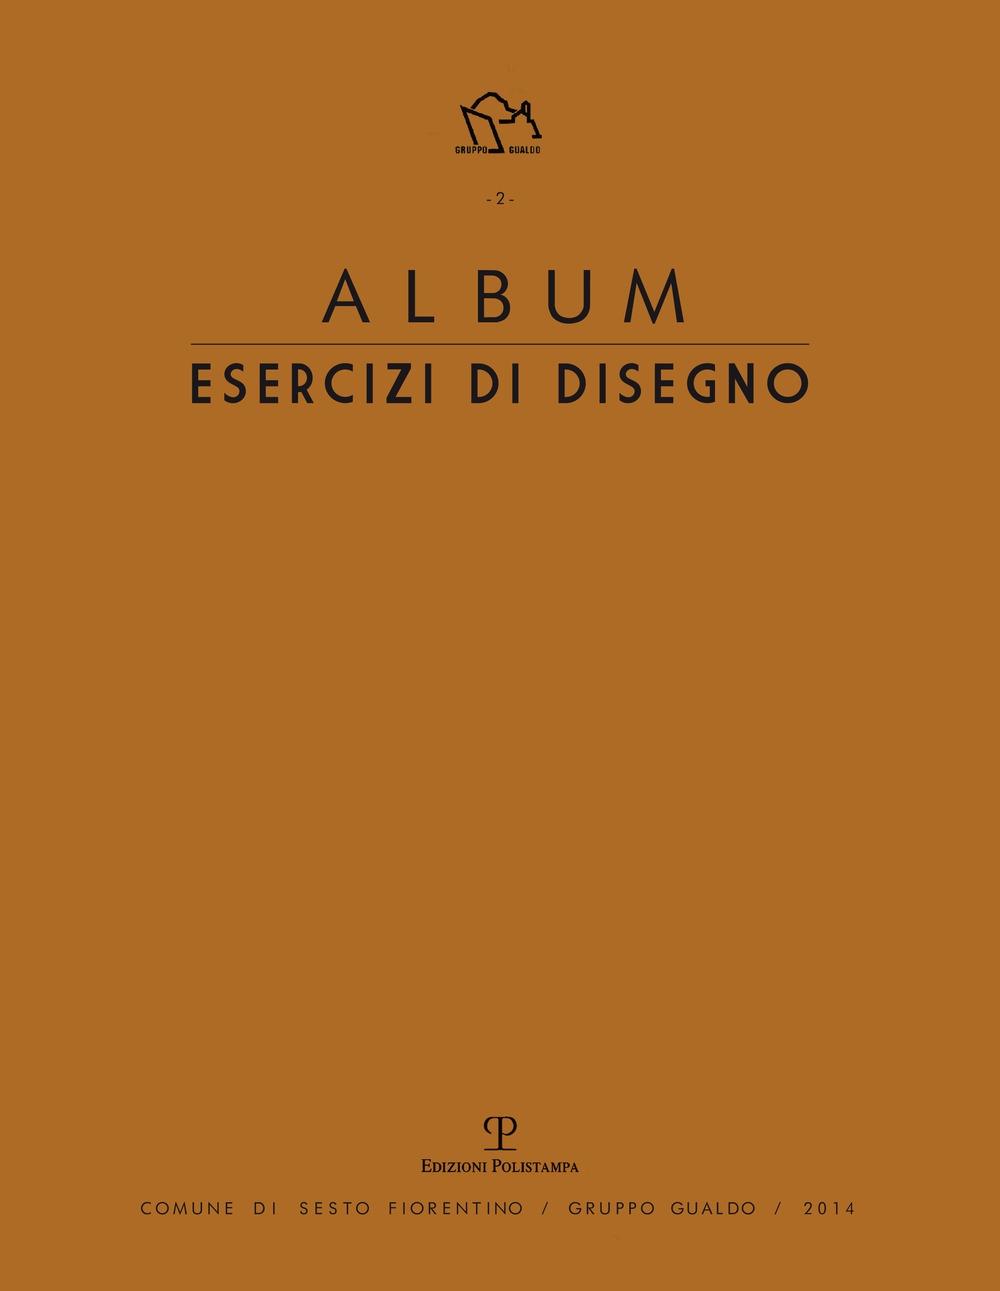 Album. Esercizi di Disegno. Chiara Crescioli, Nicoletta Gemignani, Debora Piccinini, Mirian Poggiali.